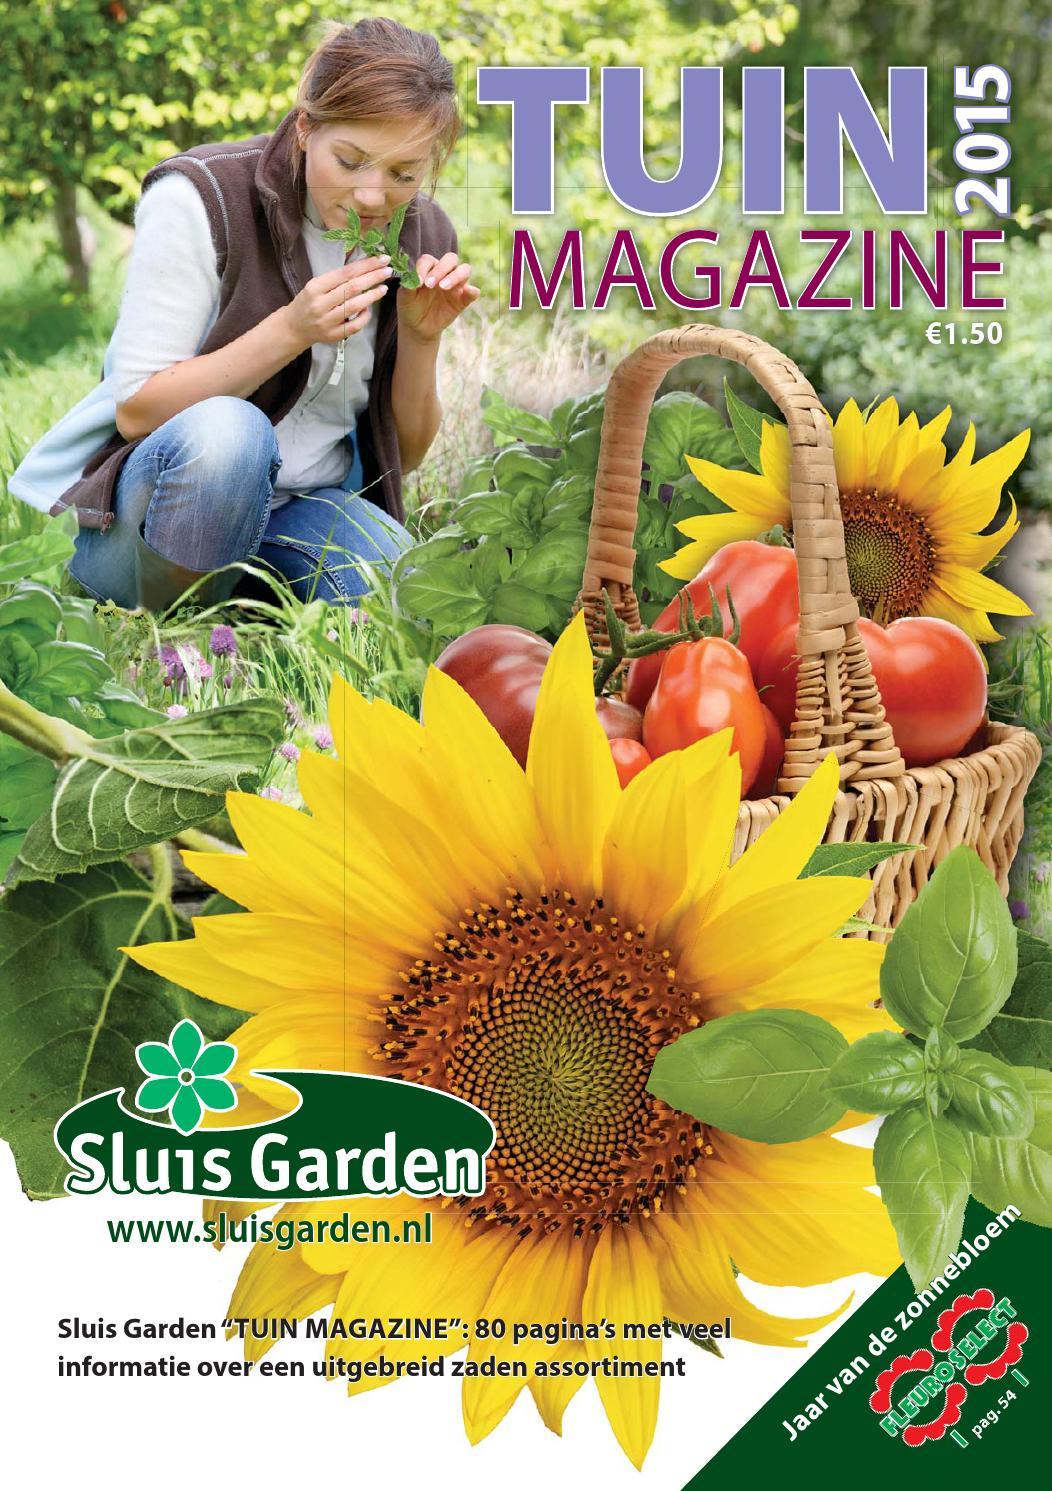 tuin magazine 2015 by sluis garden issuu